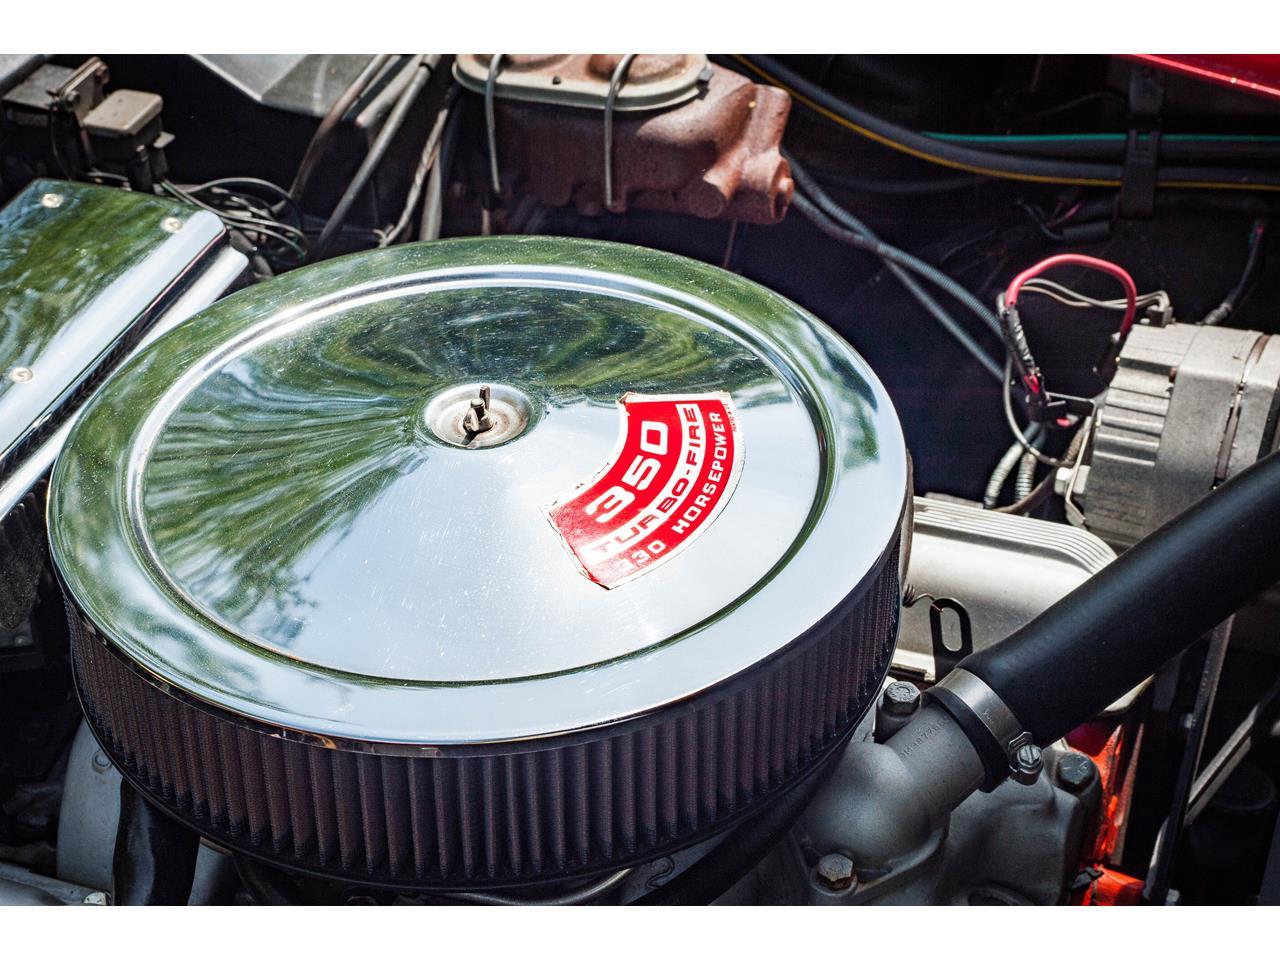 Large Picture of '71 Chevrolet Corvette - $40,500.00 - QB9M